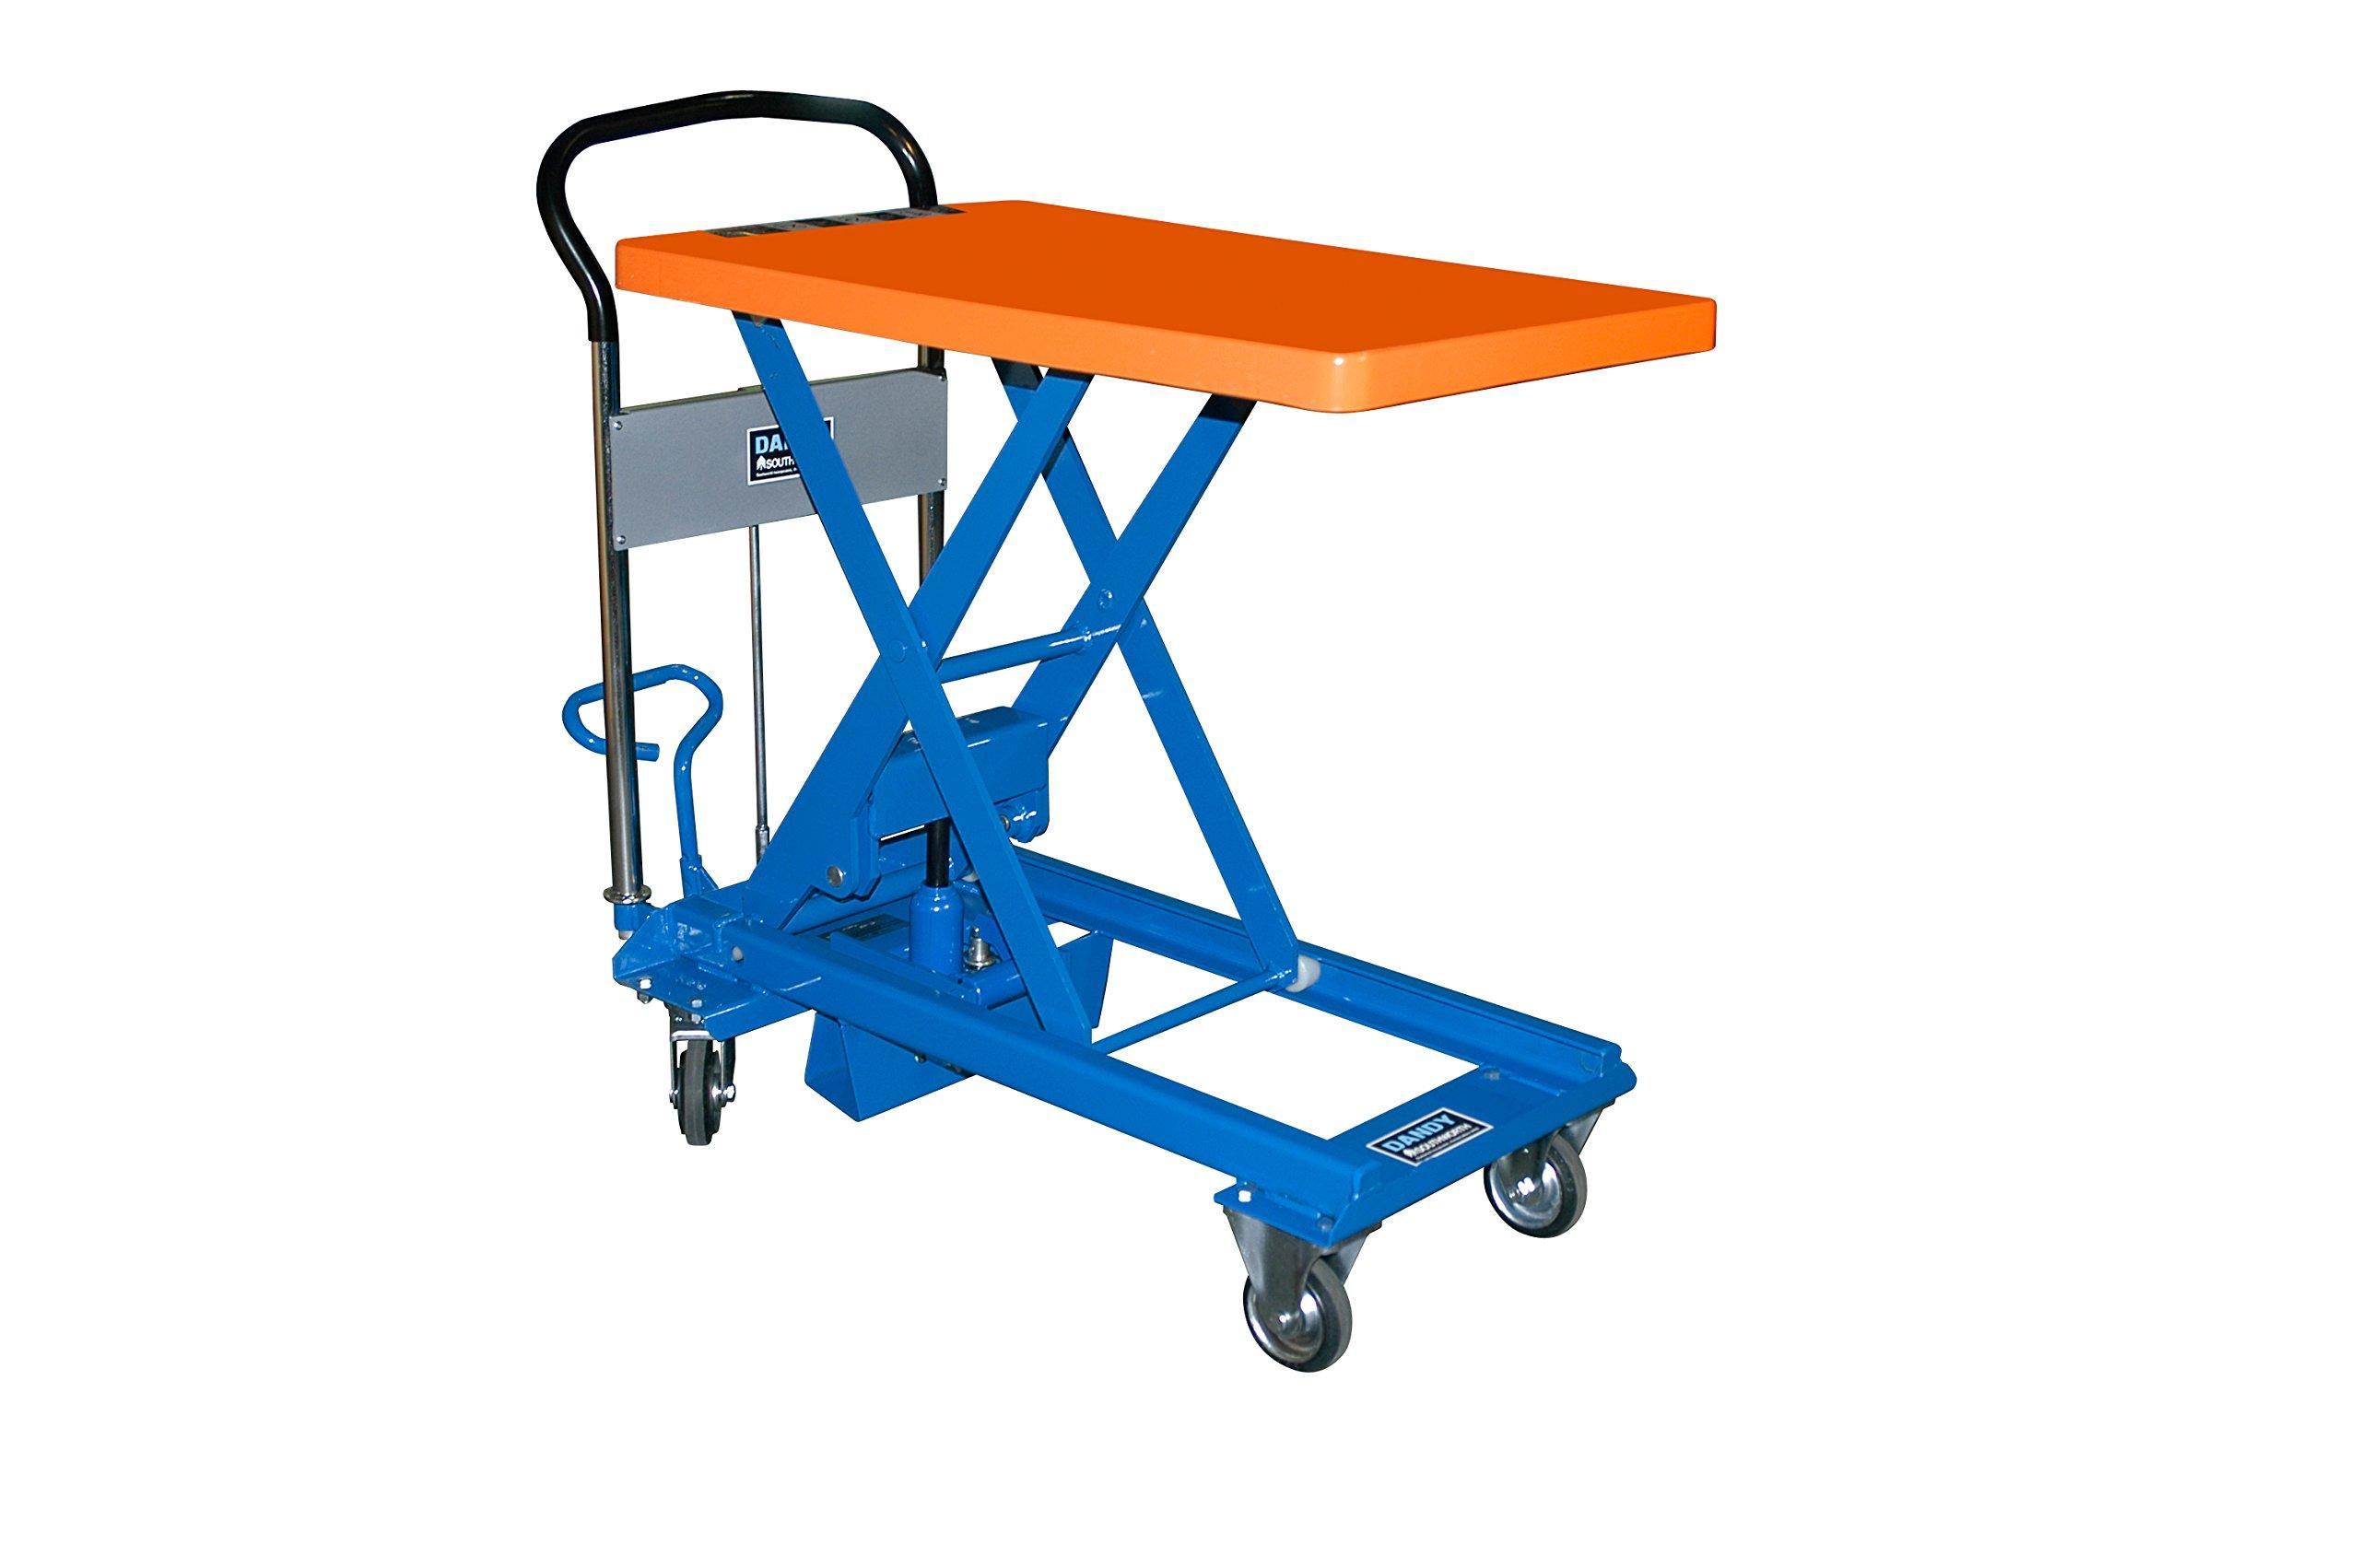 Southworth Products L-150 Dandy Manual Scissor Lift Cart, Foot Pump, 330 lb. Capacity, 17.7'' x 38.2'' Platform